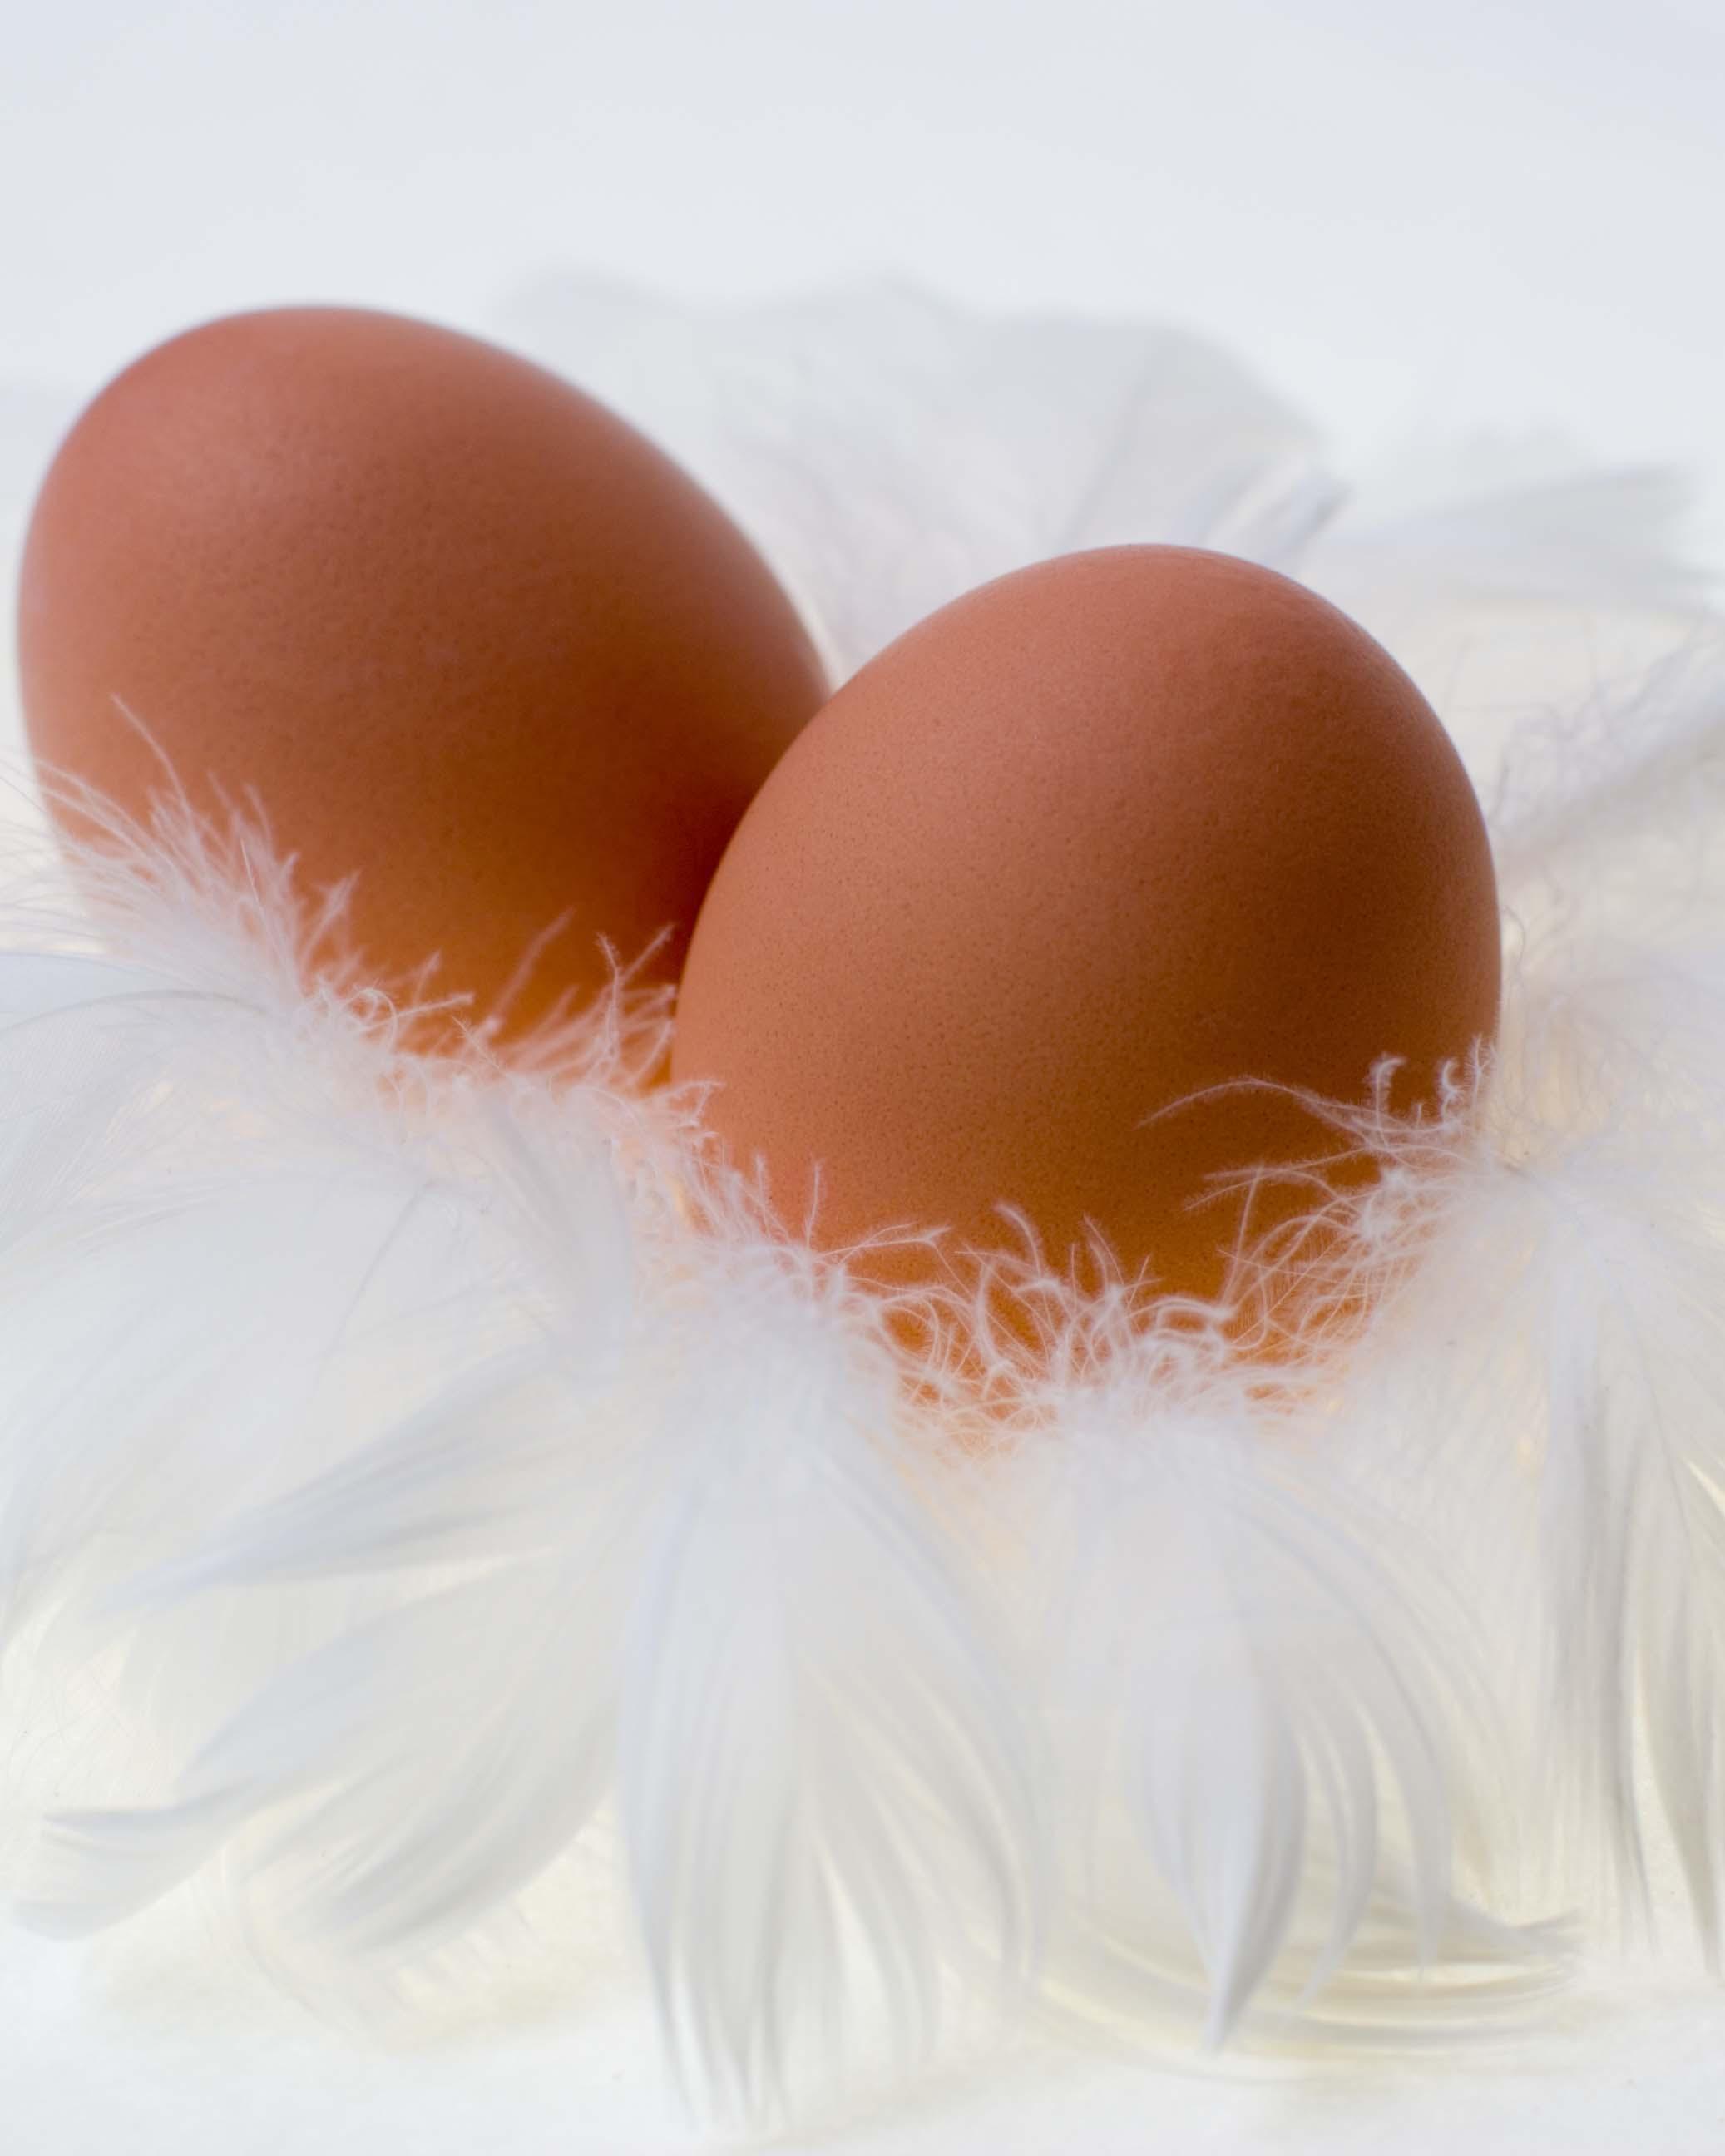 蛋黄会导致胆固醇飙升吗?